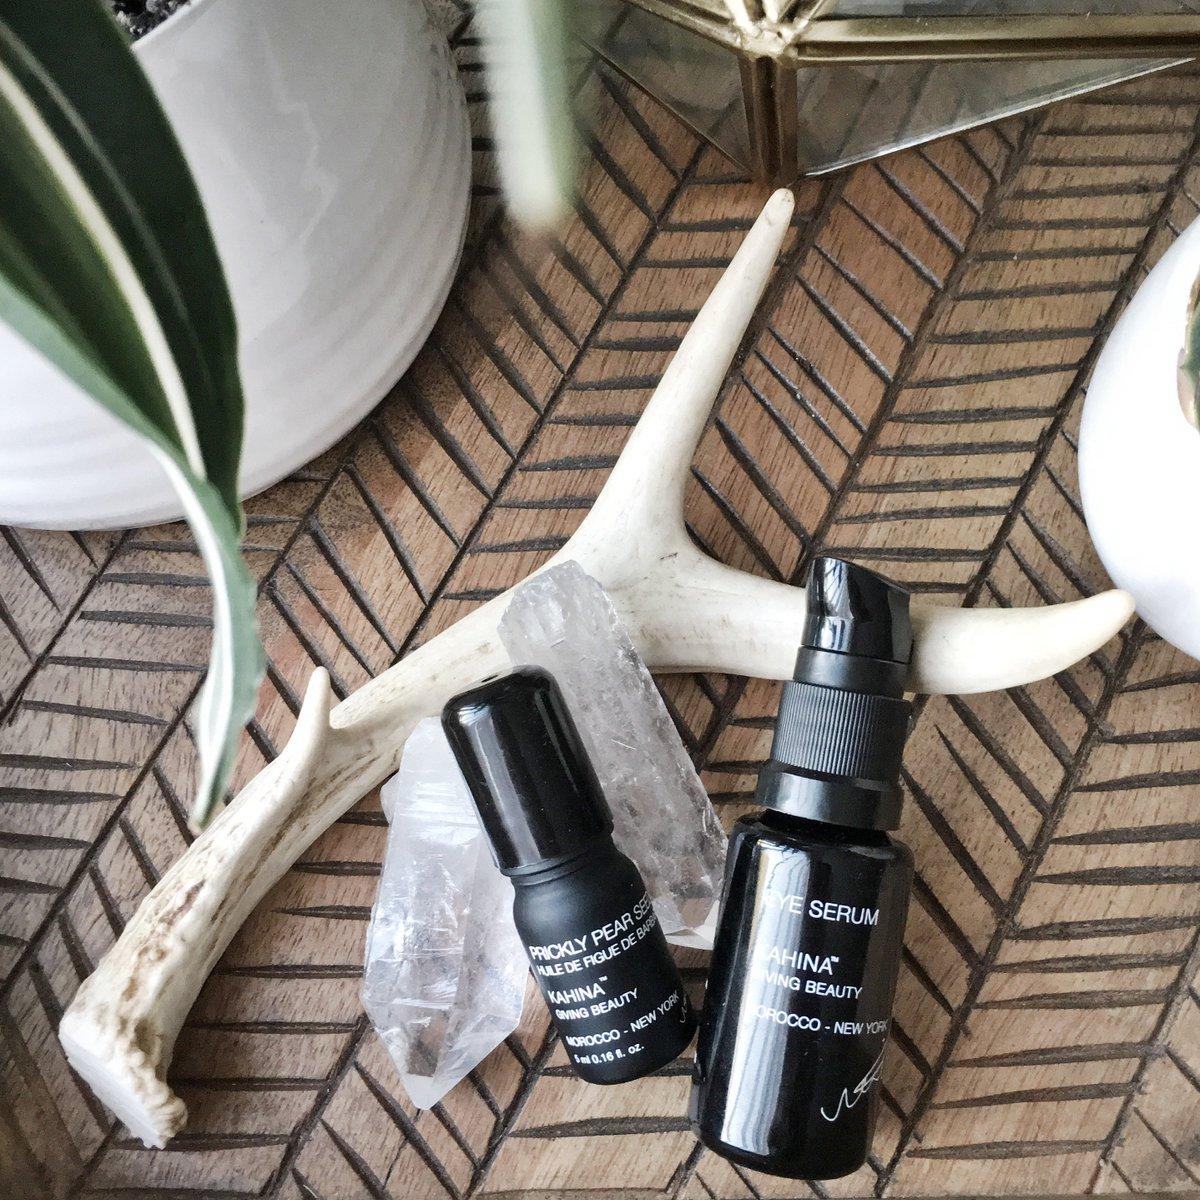 Thêm loại dầu này vào chu trình skincare, bạn sẽ thấy da ẩm và căng hơn vì lượng collagen được sản xuất rất nhiều - Ảnh 5.